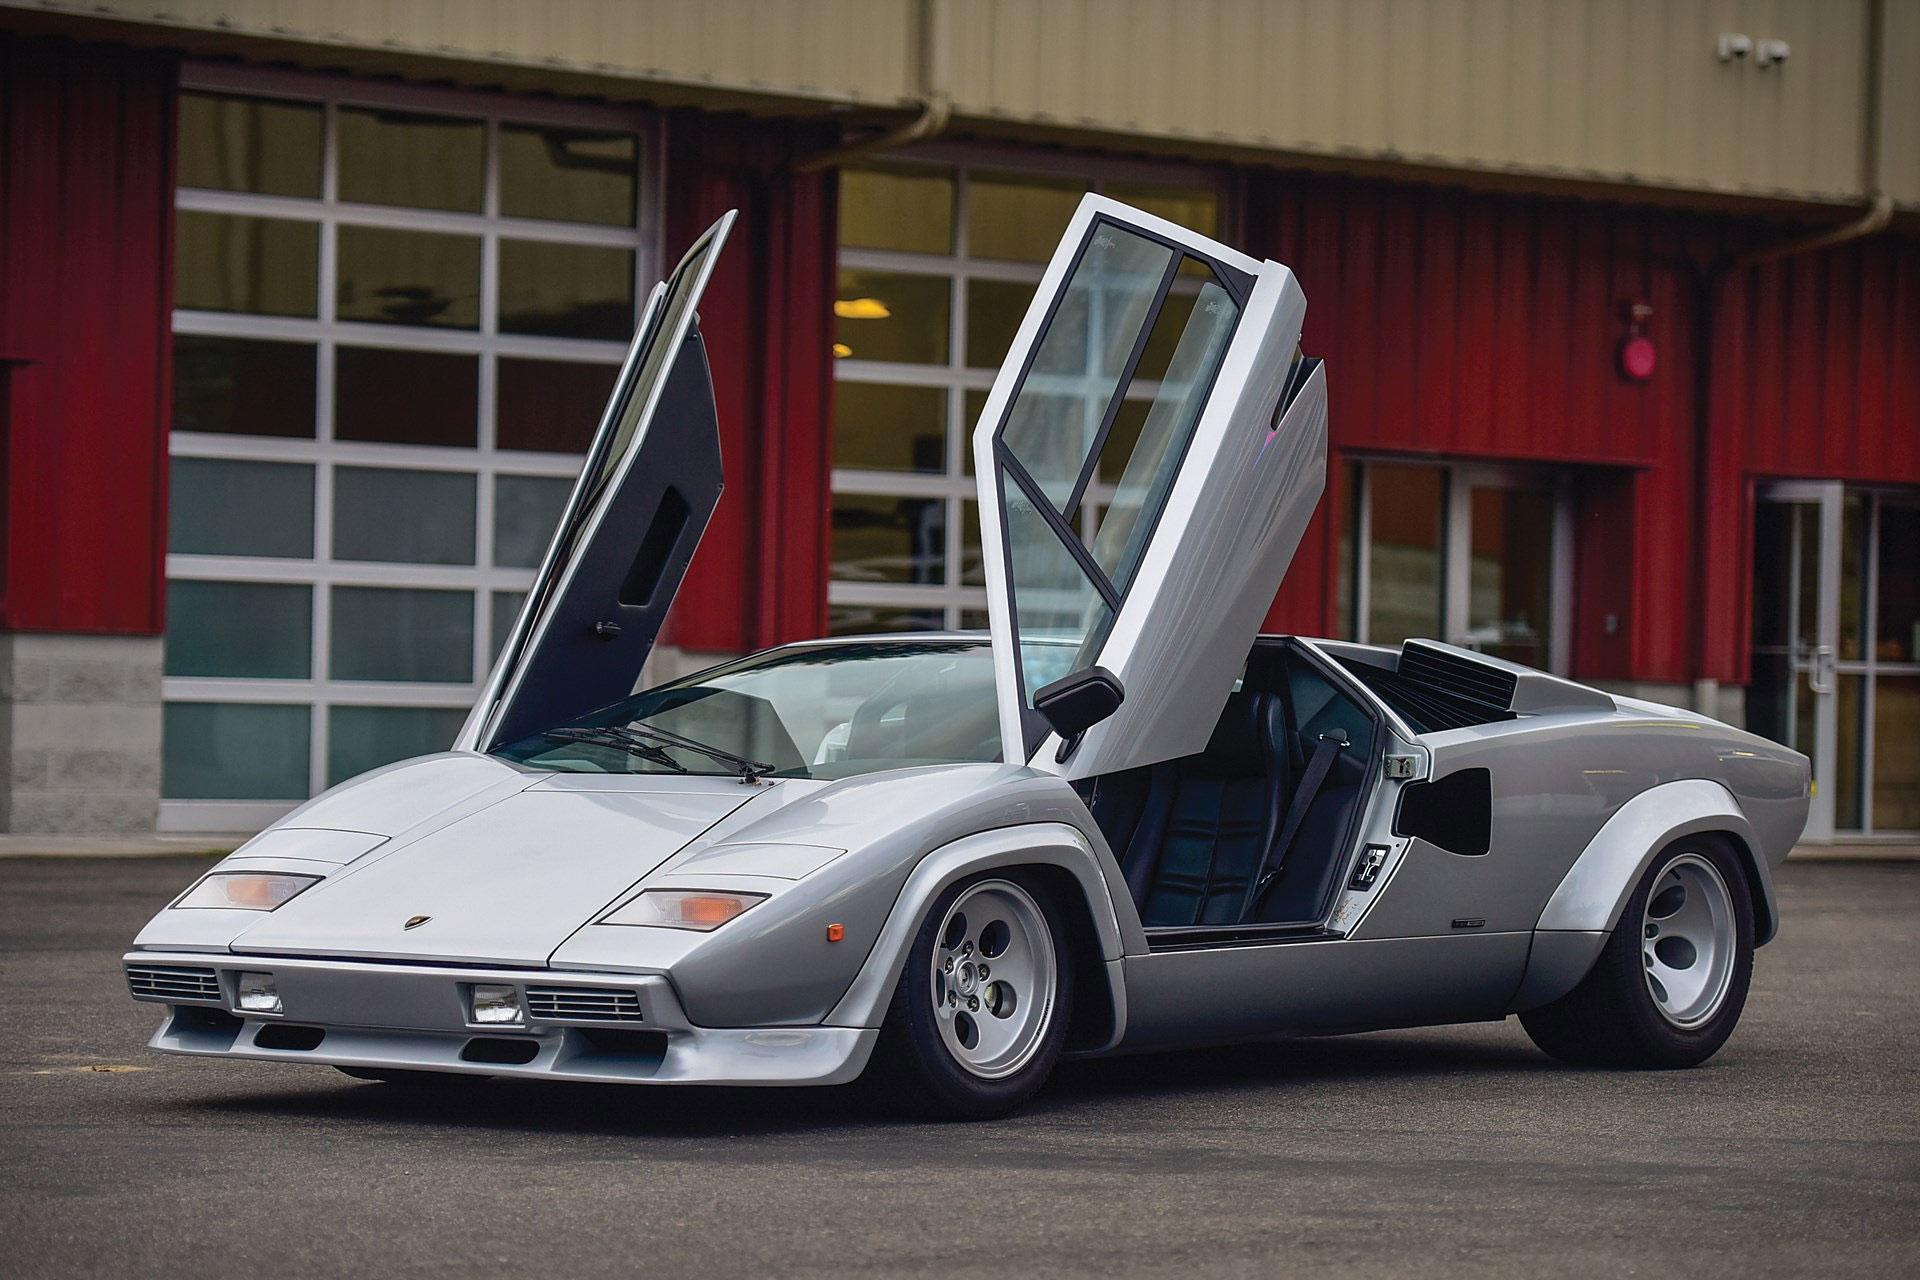 1981 Lamborghini Countach Lp400 S Coupe Uncrate